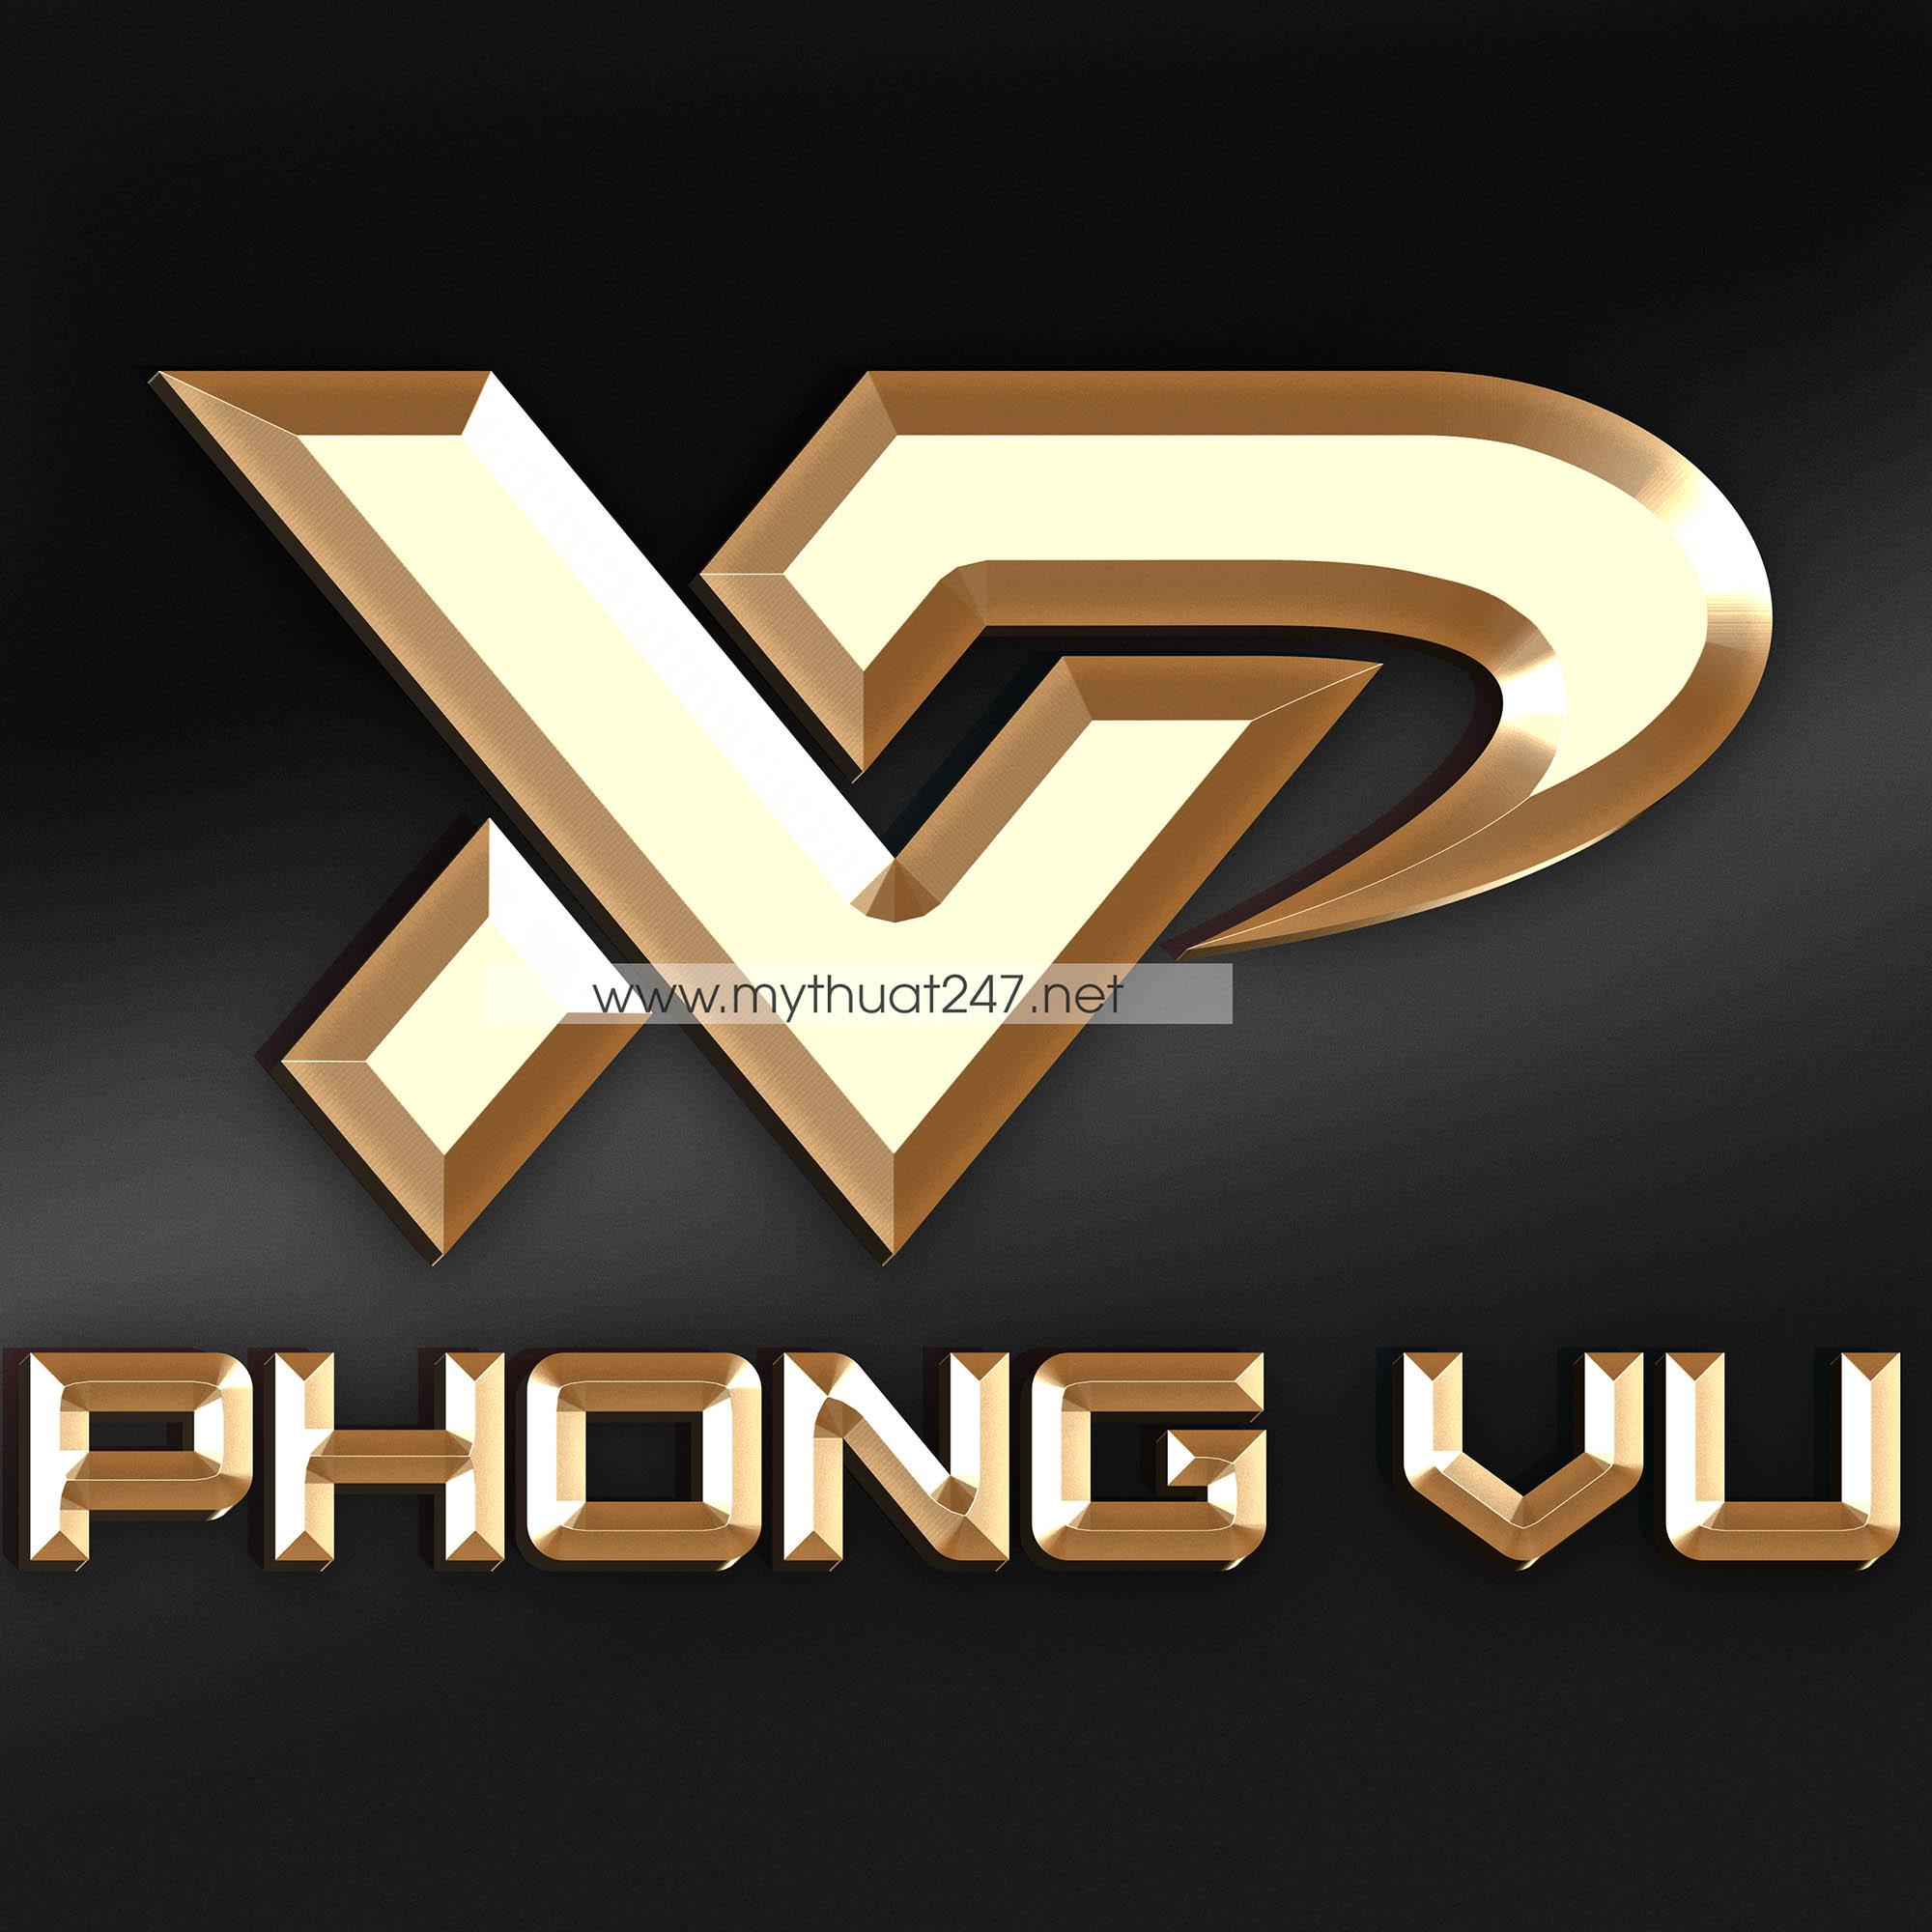 Thiết kế logo thiết bị vệ sinh phong vũ